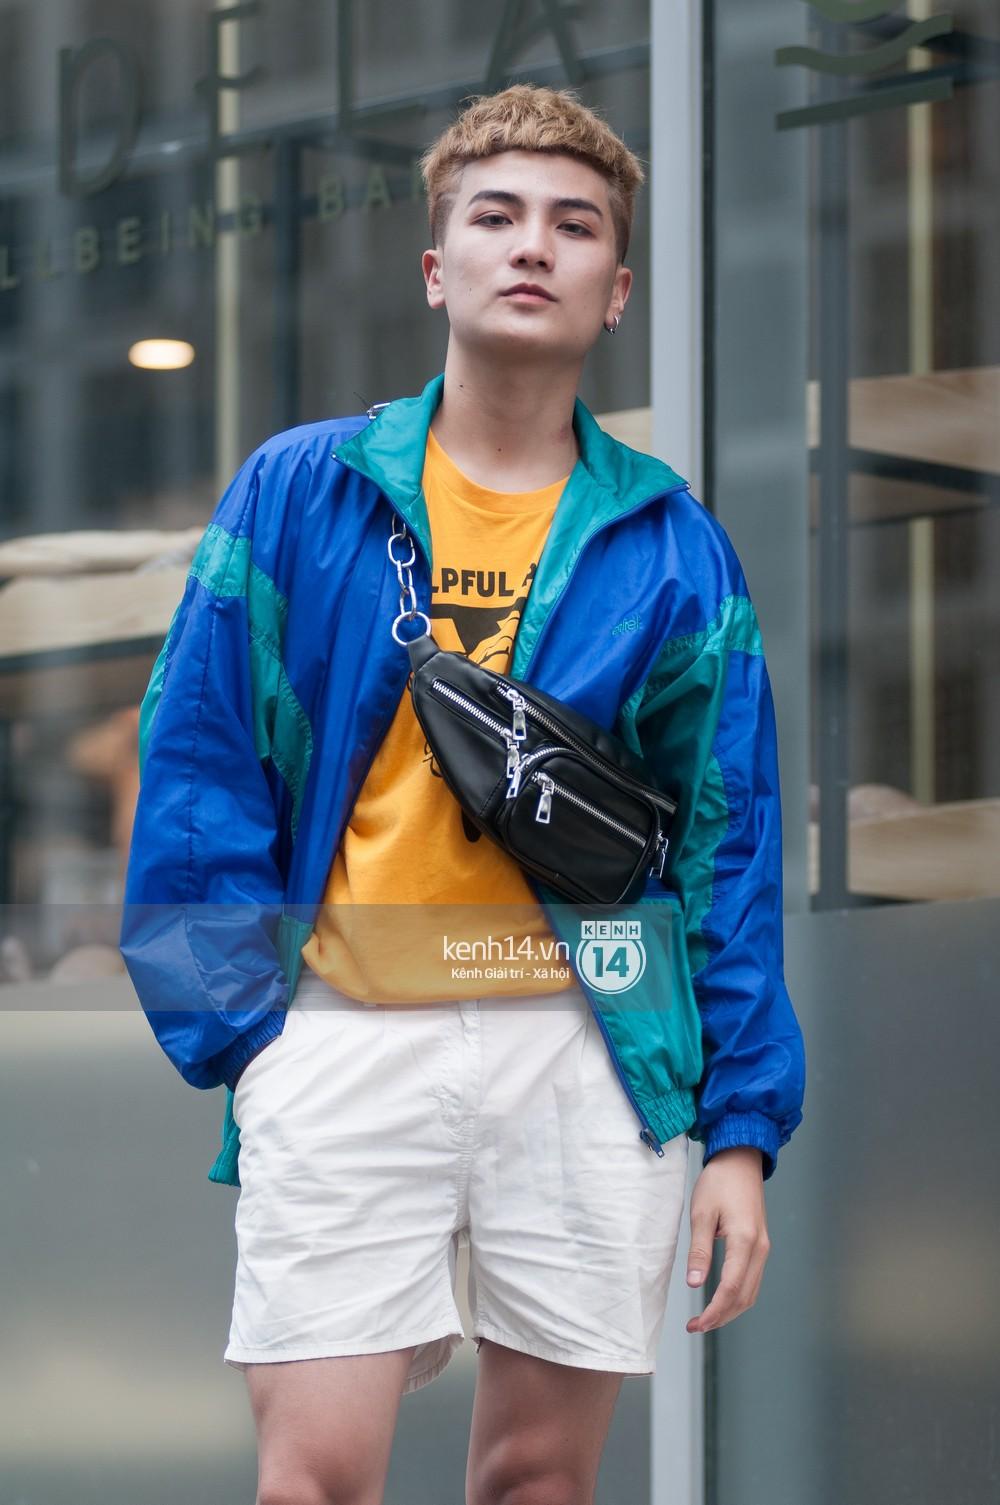 Giới trẻ 2 miền chinh phục loạt hot trend, khoe street style siêu cool và thời thượng - Ảnh 25.